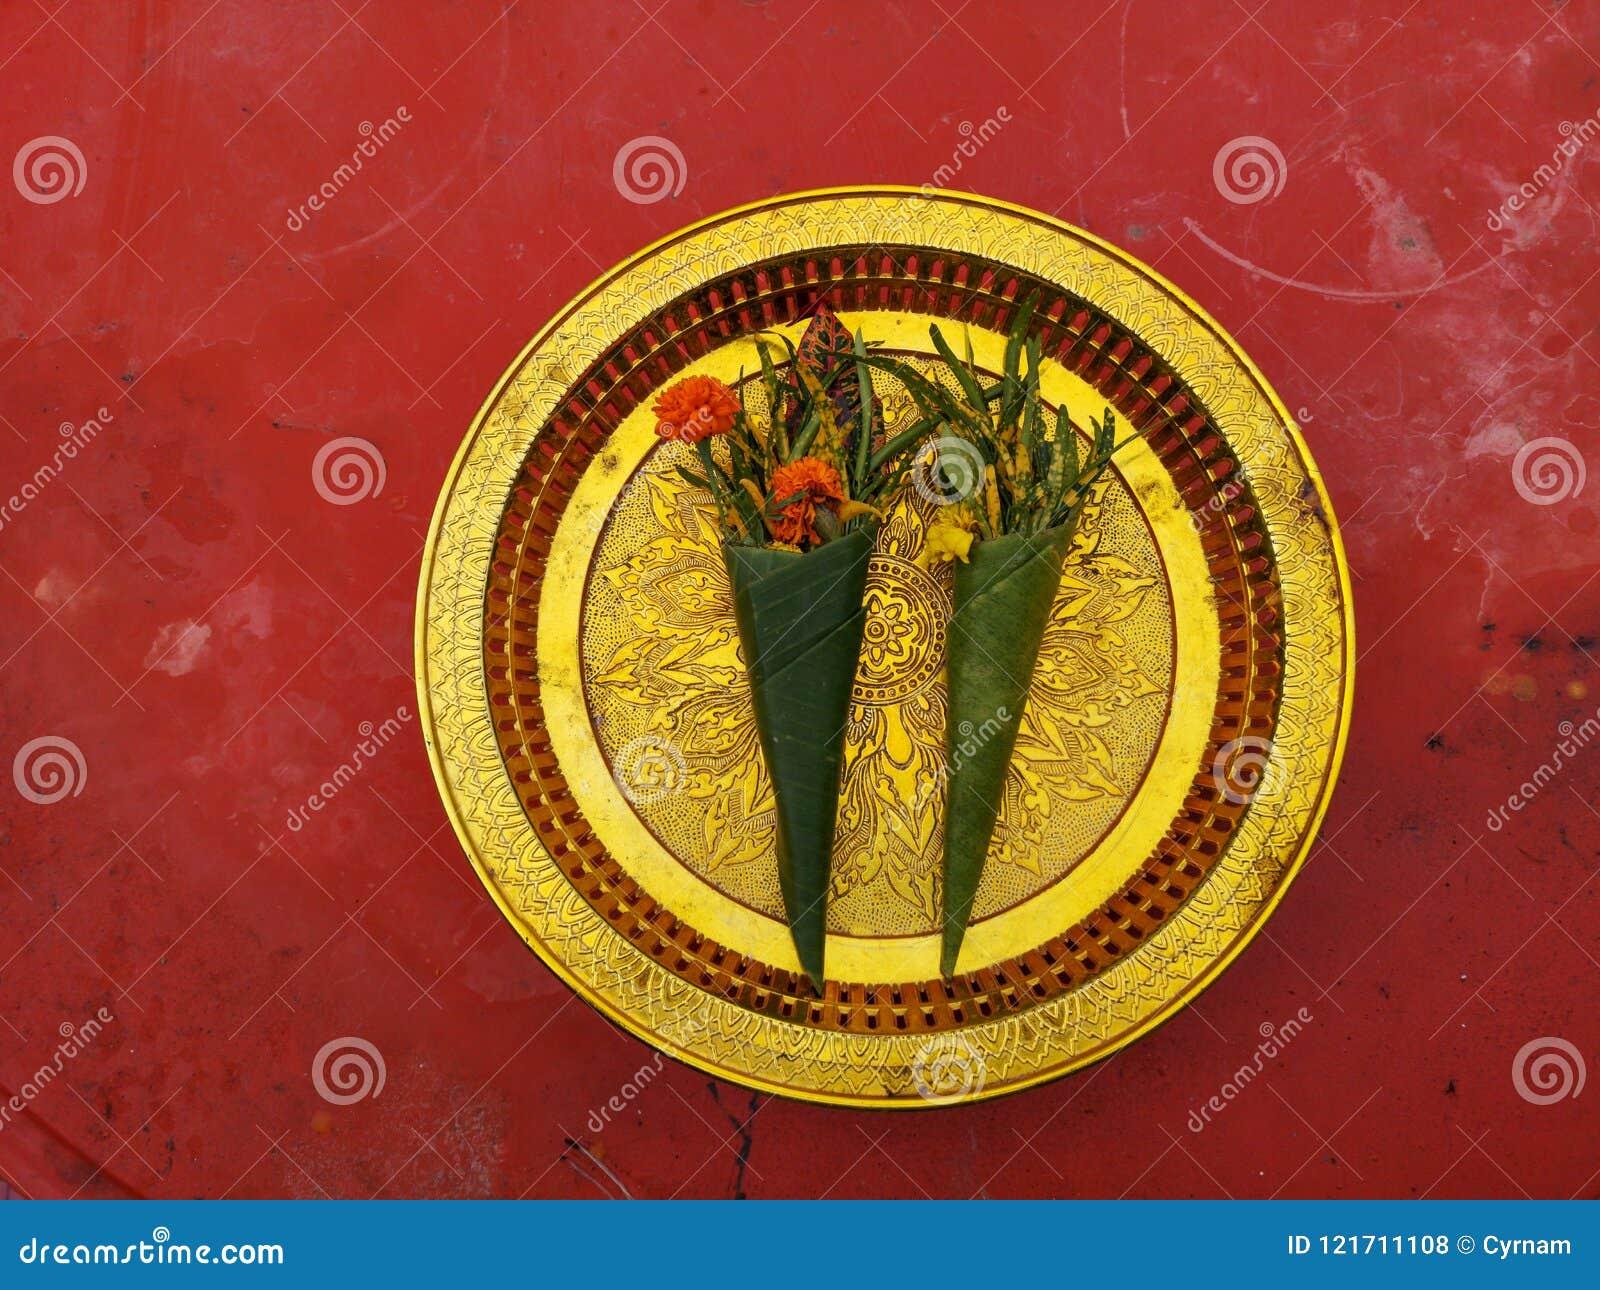 Προσφορές στη θεά, λουλούδια που τυλίγονται στο φύλλο μπανανών που προσφέρεται στο Βούδα στο χρυσό πιάτο με το κόκκινο υπόβαθρο